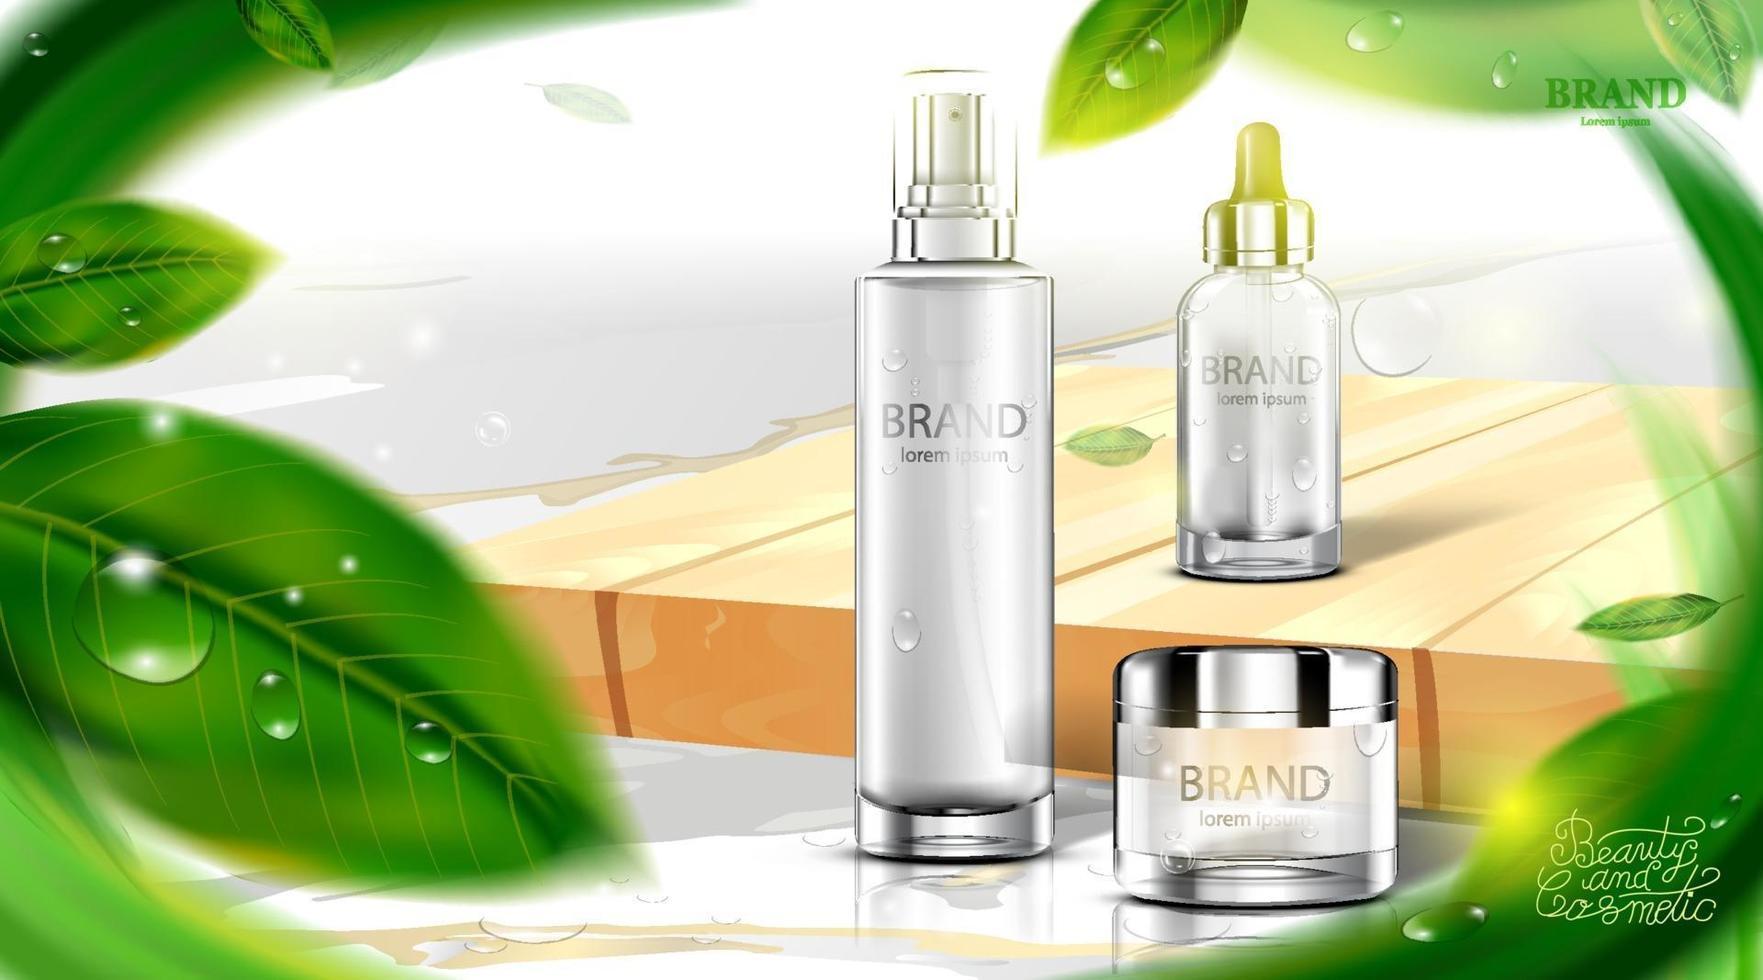 Luxus-Kosmetikflaschenpaket Hautpflegecreme, Schönheitskosmetikproduktplakat, mit grünen Teeblättern und natürlichem grünem Farbhintergrund vektor